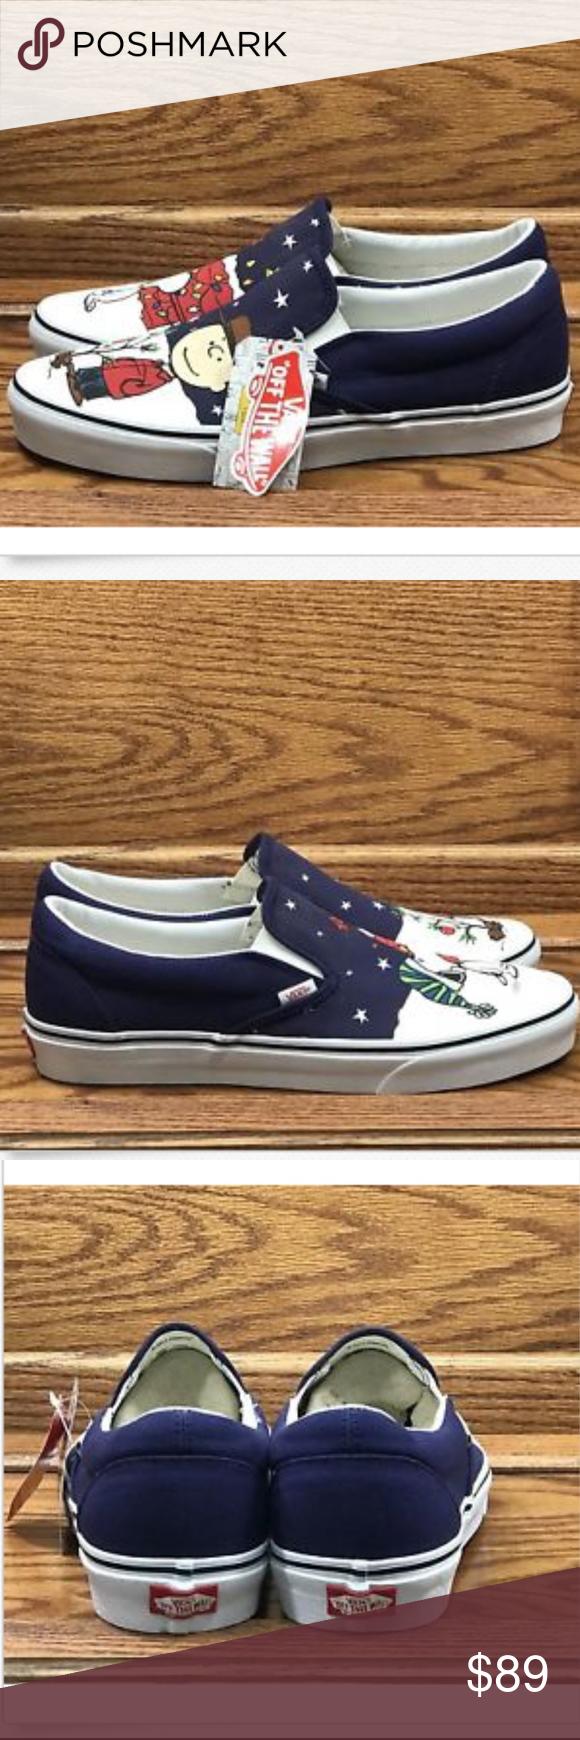 075090b61db8 Vans x Peanuts Classic Slip-On Charlie Tree Shoes Vans x Peanuts Mens  Classic Slip